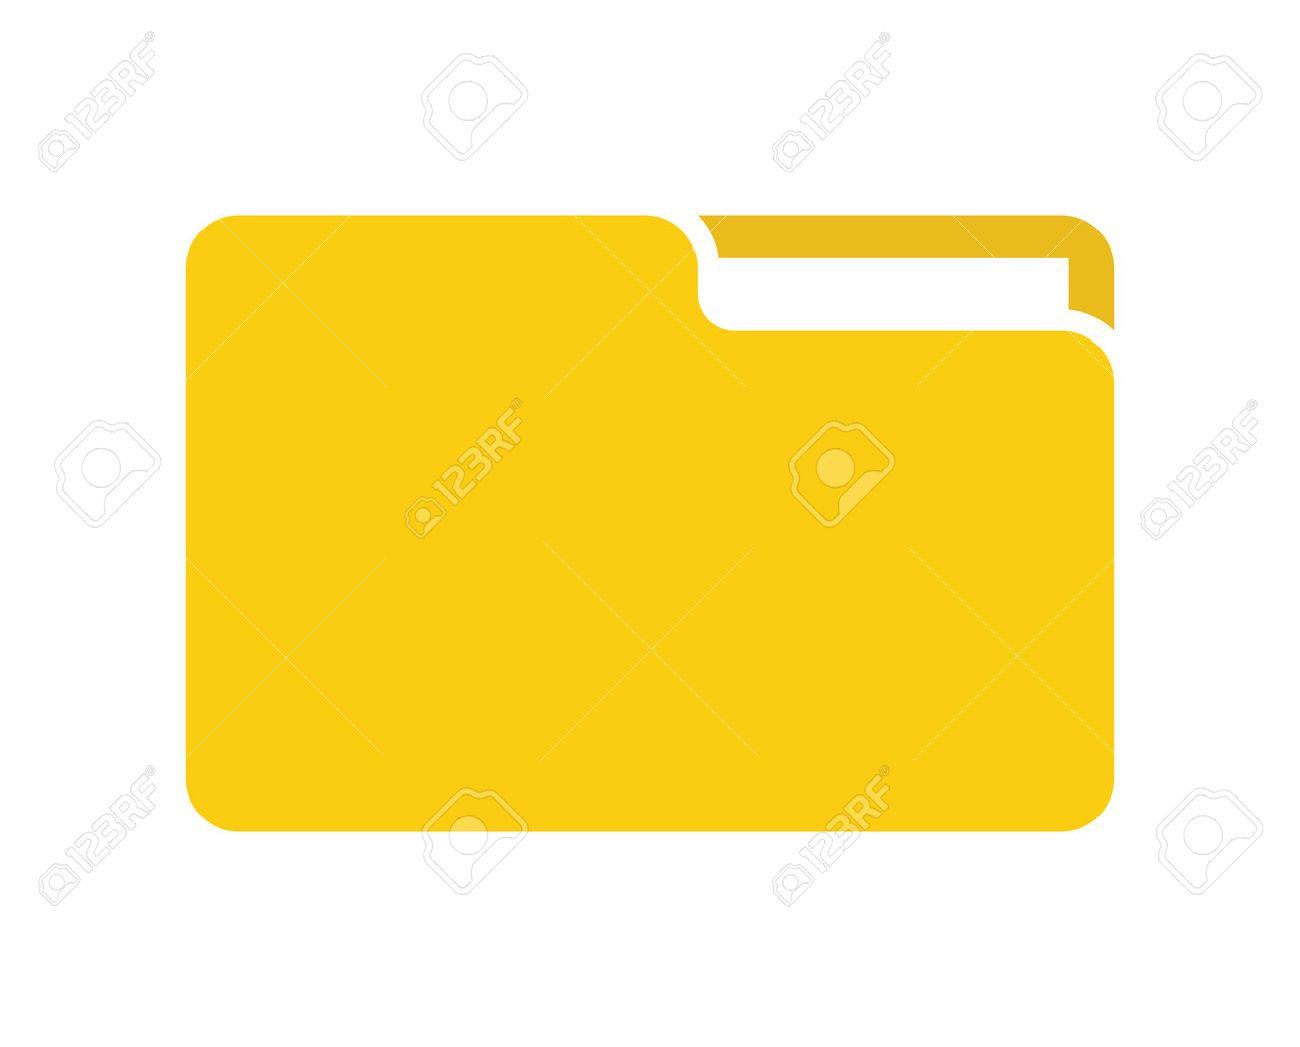 file folder vector icon - 47769877